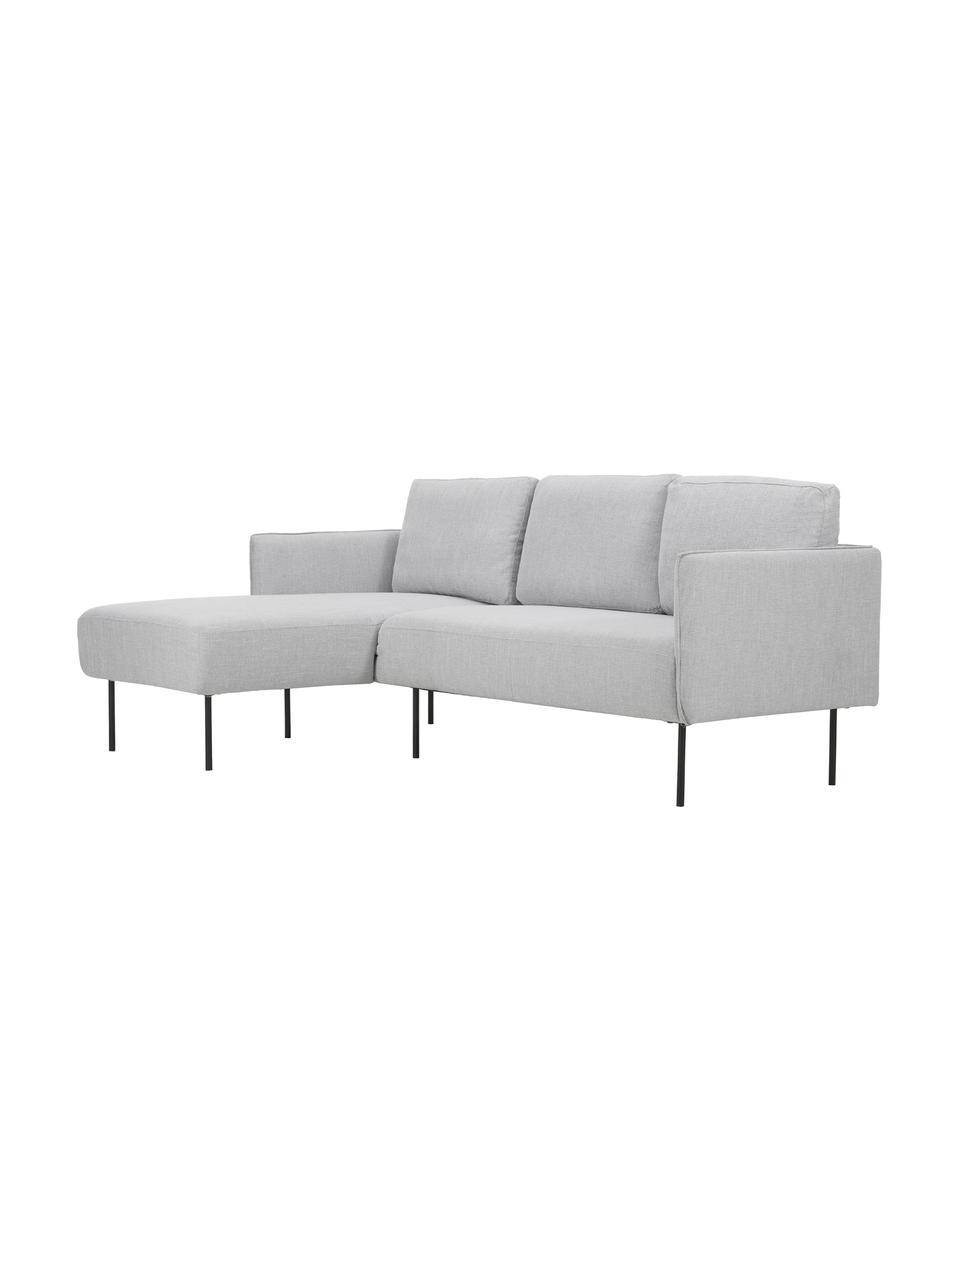 Sofa narożna z metalowymi nogami Ramira, Tapicerka: poliester Dzięki tkaninie, Nogi: metal malowany proszkowo, Jasny szary, S 192 x G 139 cm